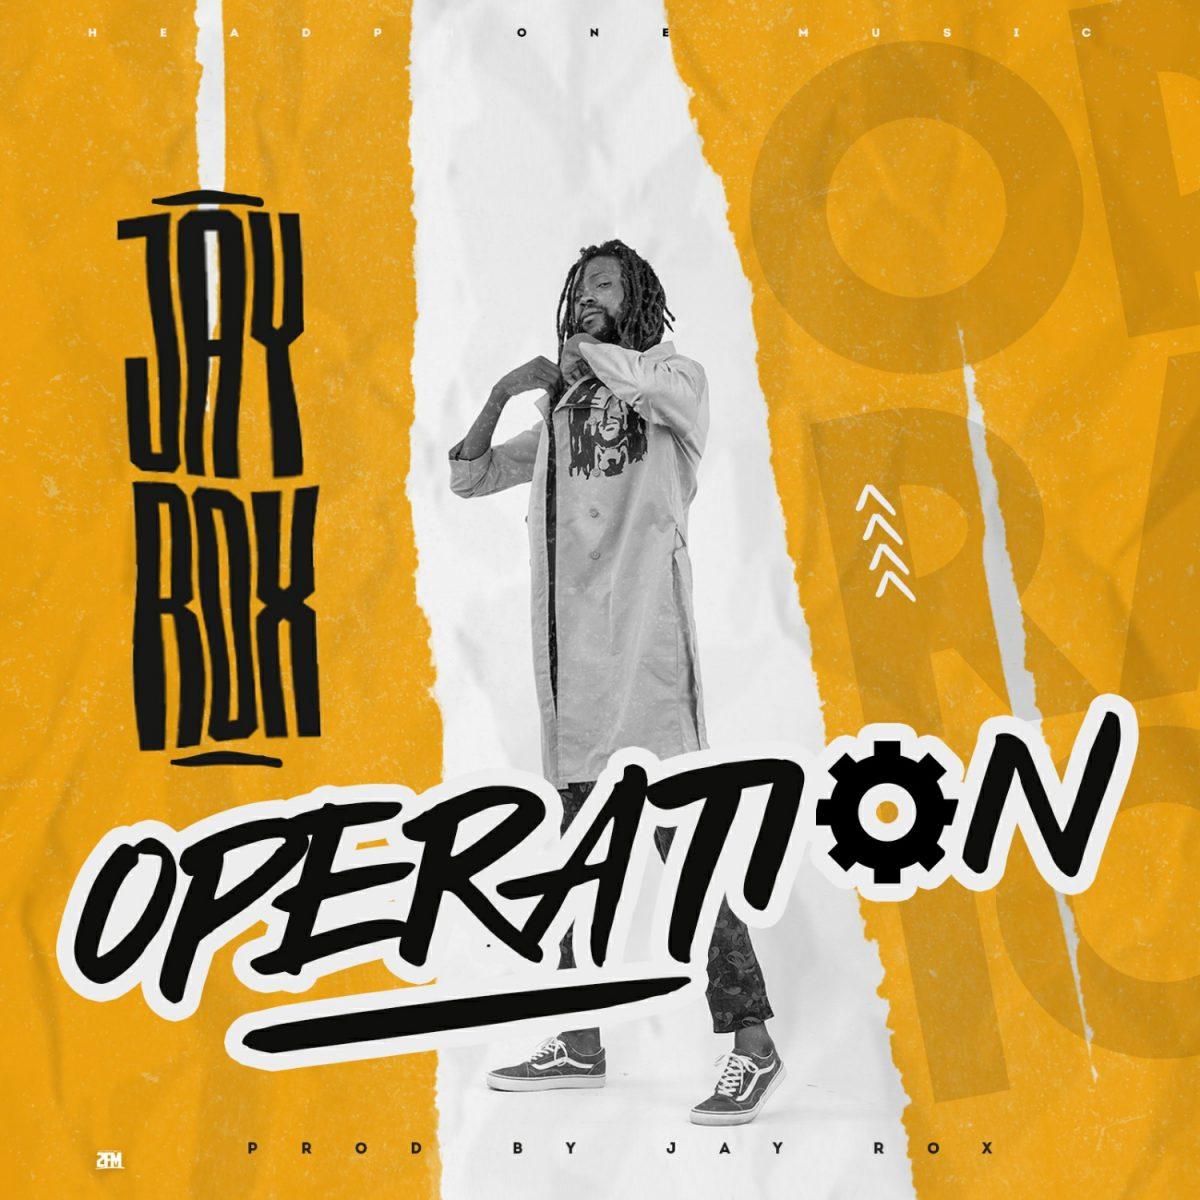 Jay Rox – Operation (Prod. Jay Rox)